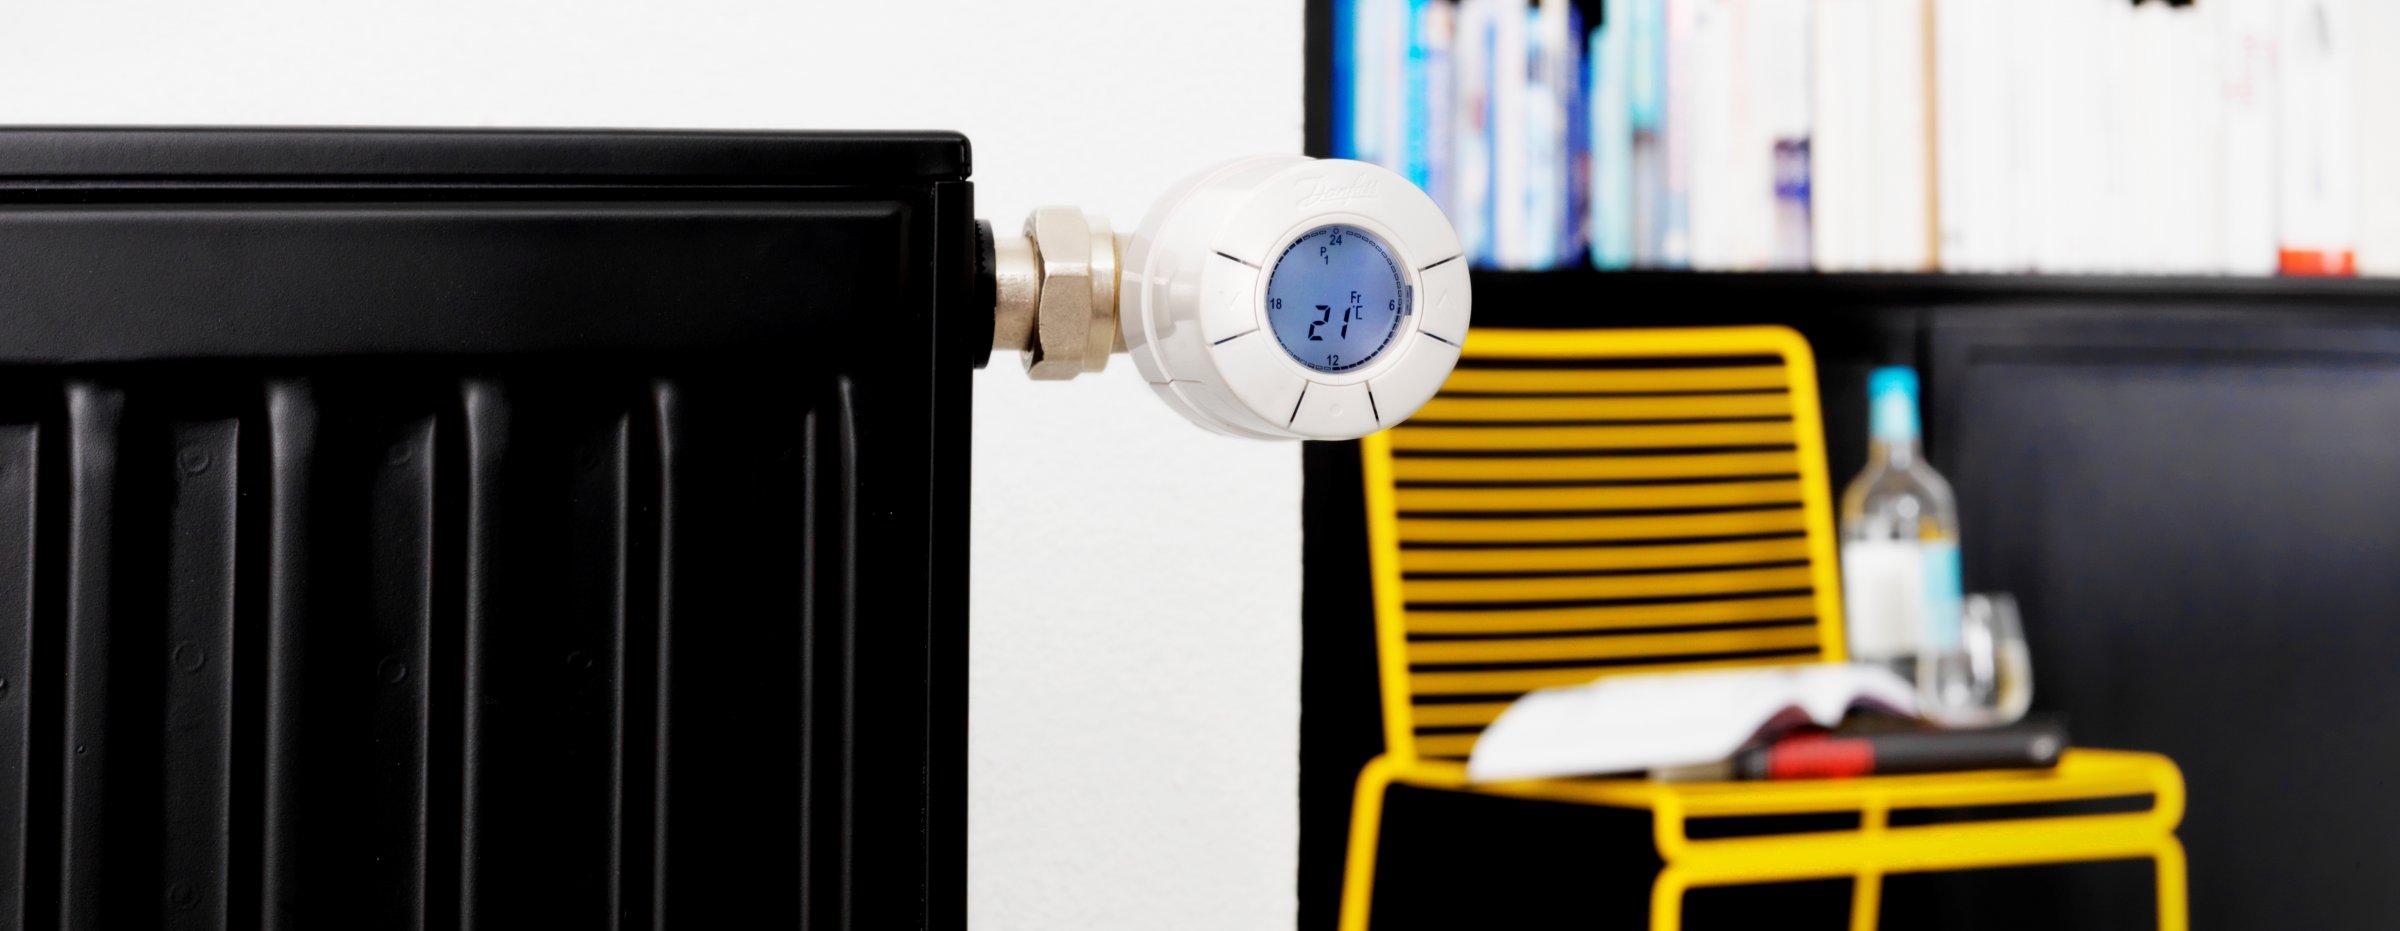 Fremragende Intelligente termostater er en sjældenhed i Danmark | Installatør JG27